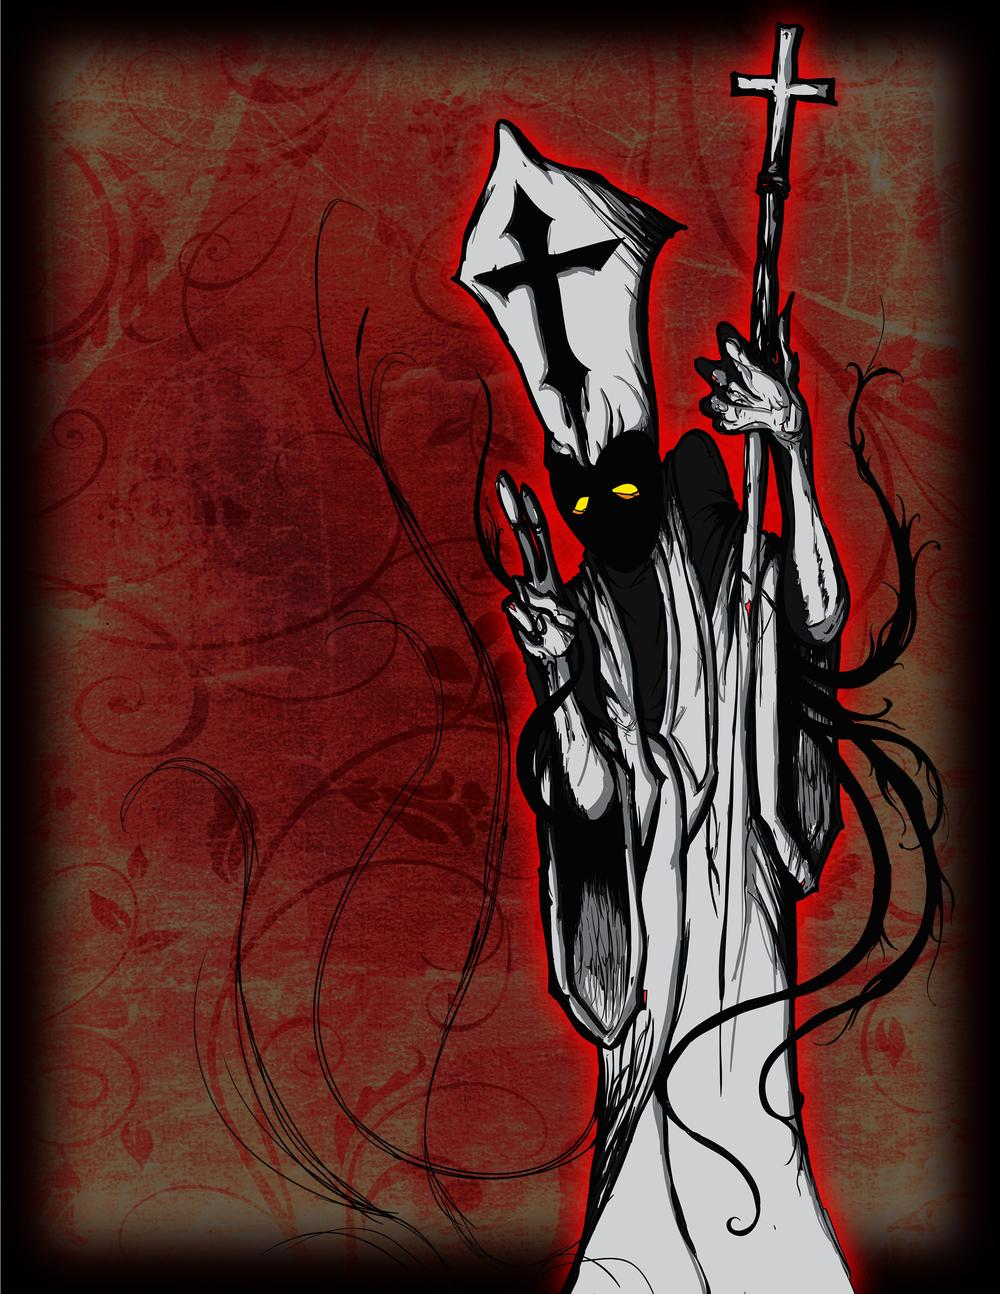 Arek---RealEyes-Designs---Da-Priest---Grunge-Floral-Backdrop.jpg